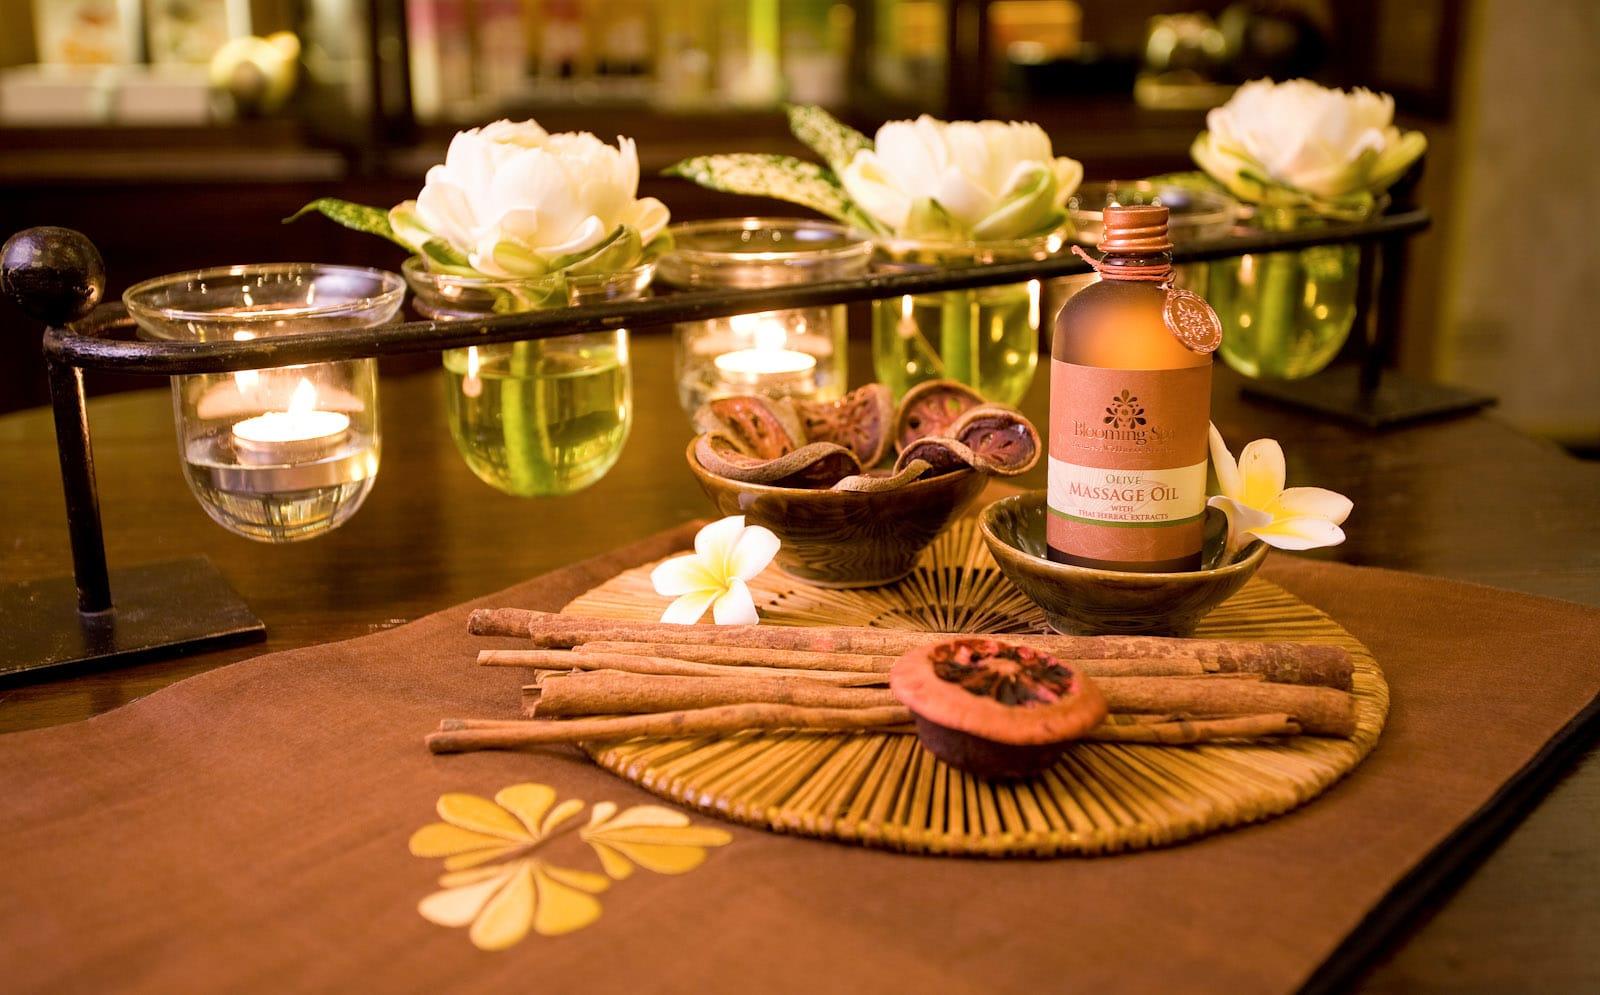 Let's Relax 相關香氛產品(圖片來源:官網)